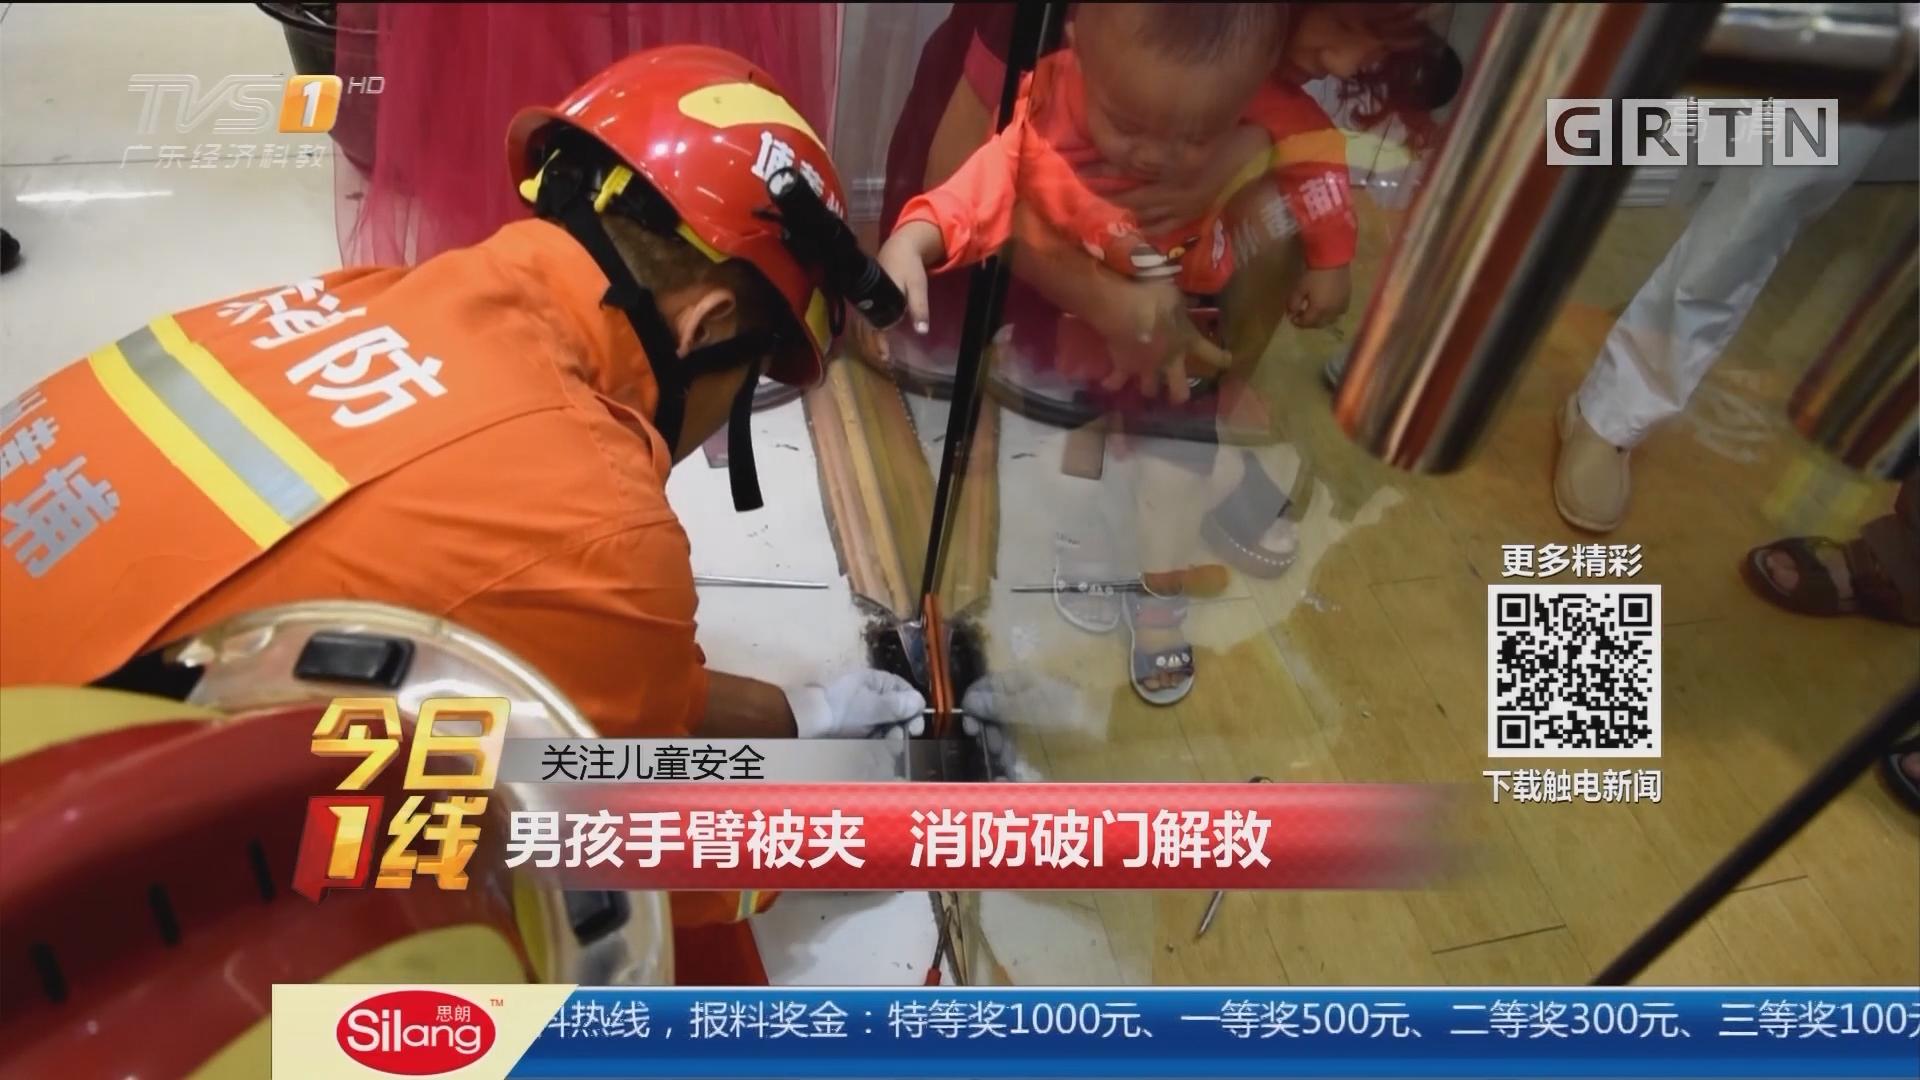 关注儿童安全:男孩手臂被夹 消防破门解救